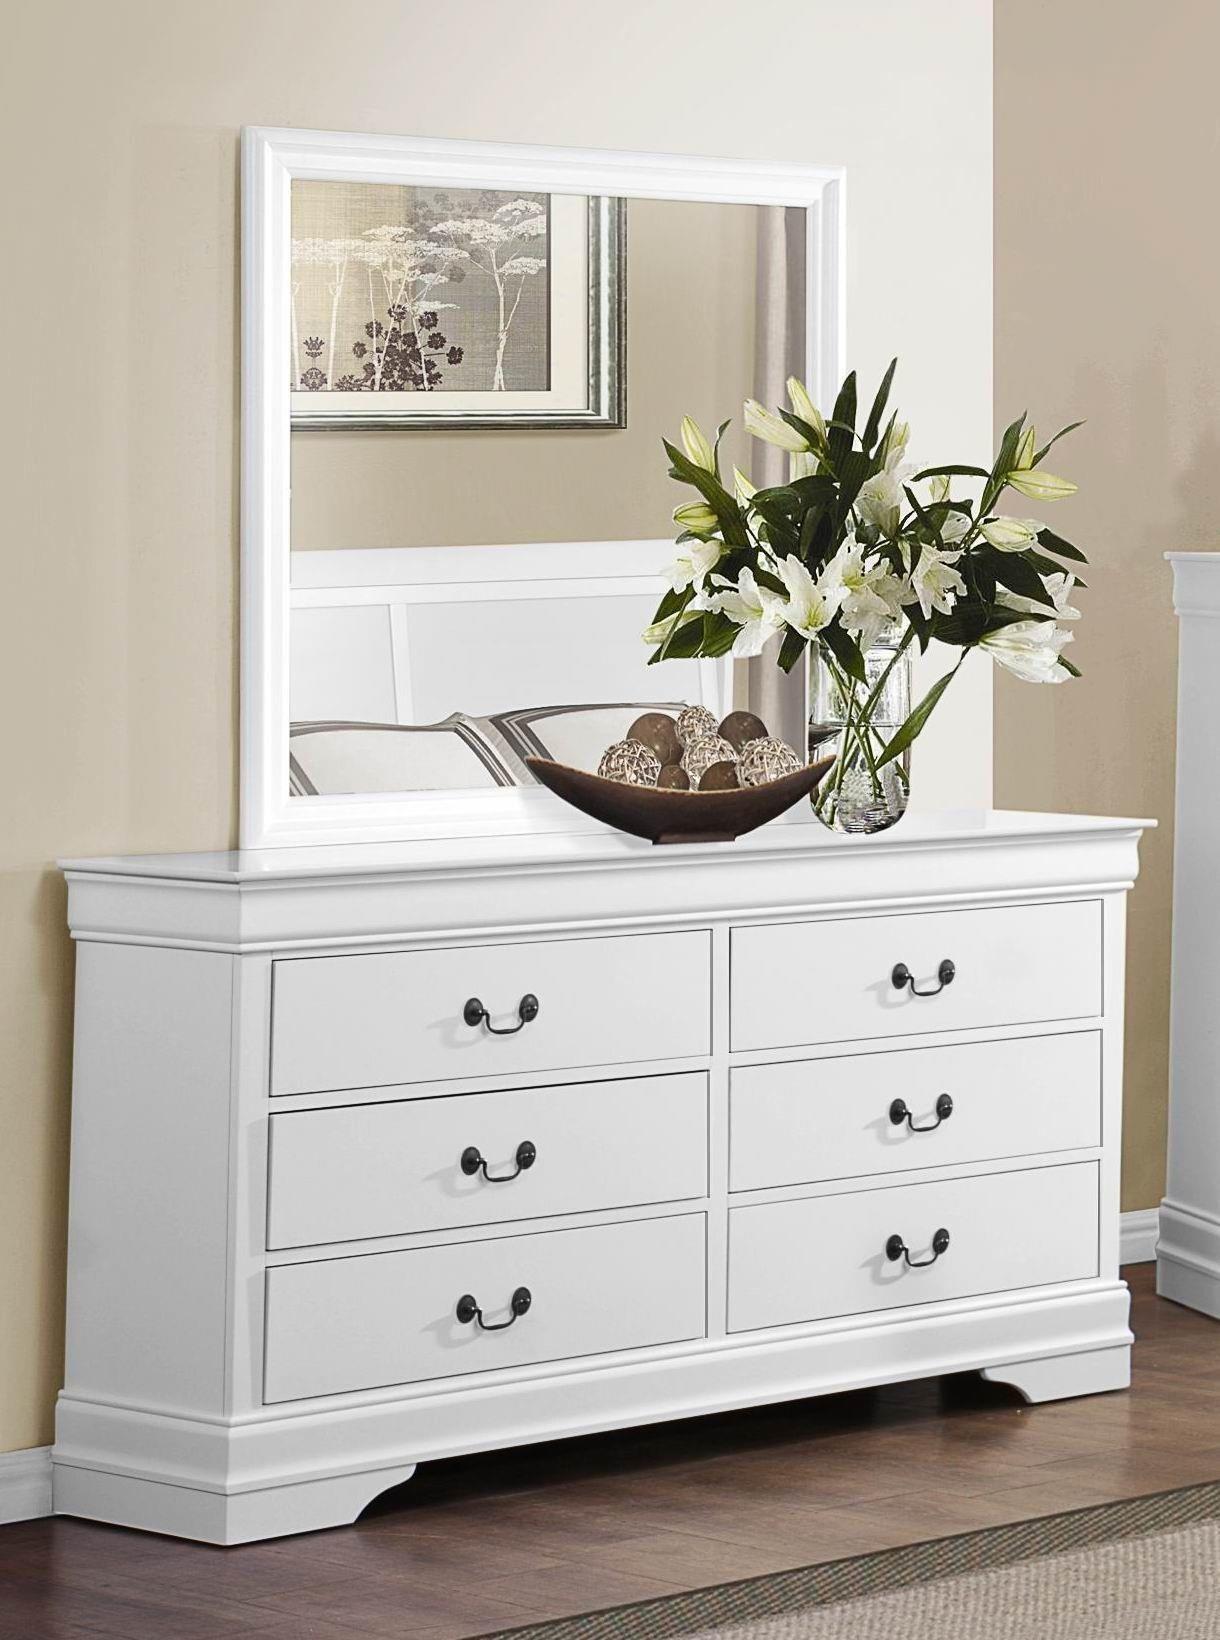 Homelegance Mayville White Dresser & Mirror - Item Number: GRP-2147-WHITED M